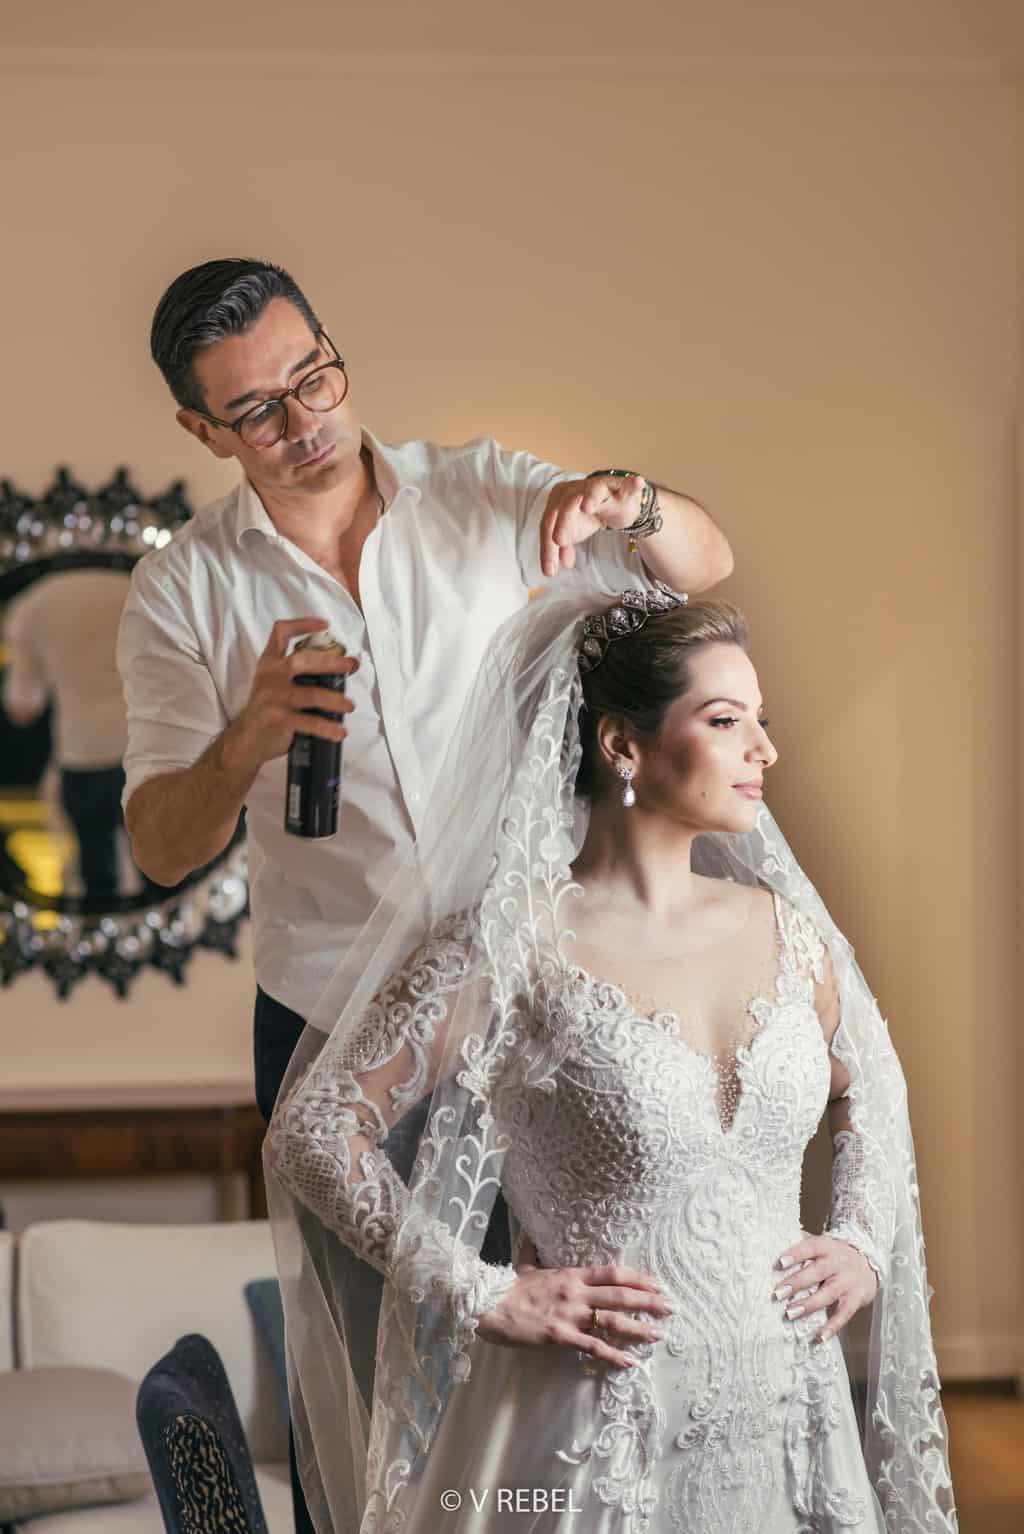 casamento-Caroline-e-Breno-casamento-clássico-fotografia-VRebel-making-of20